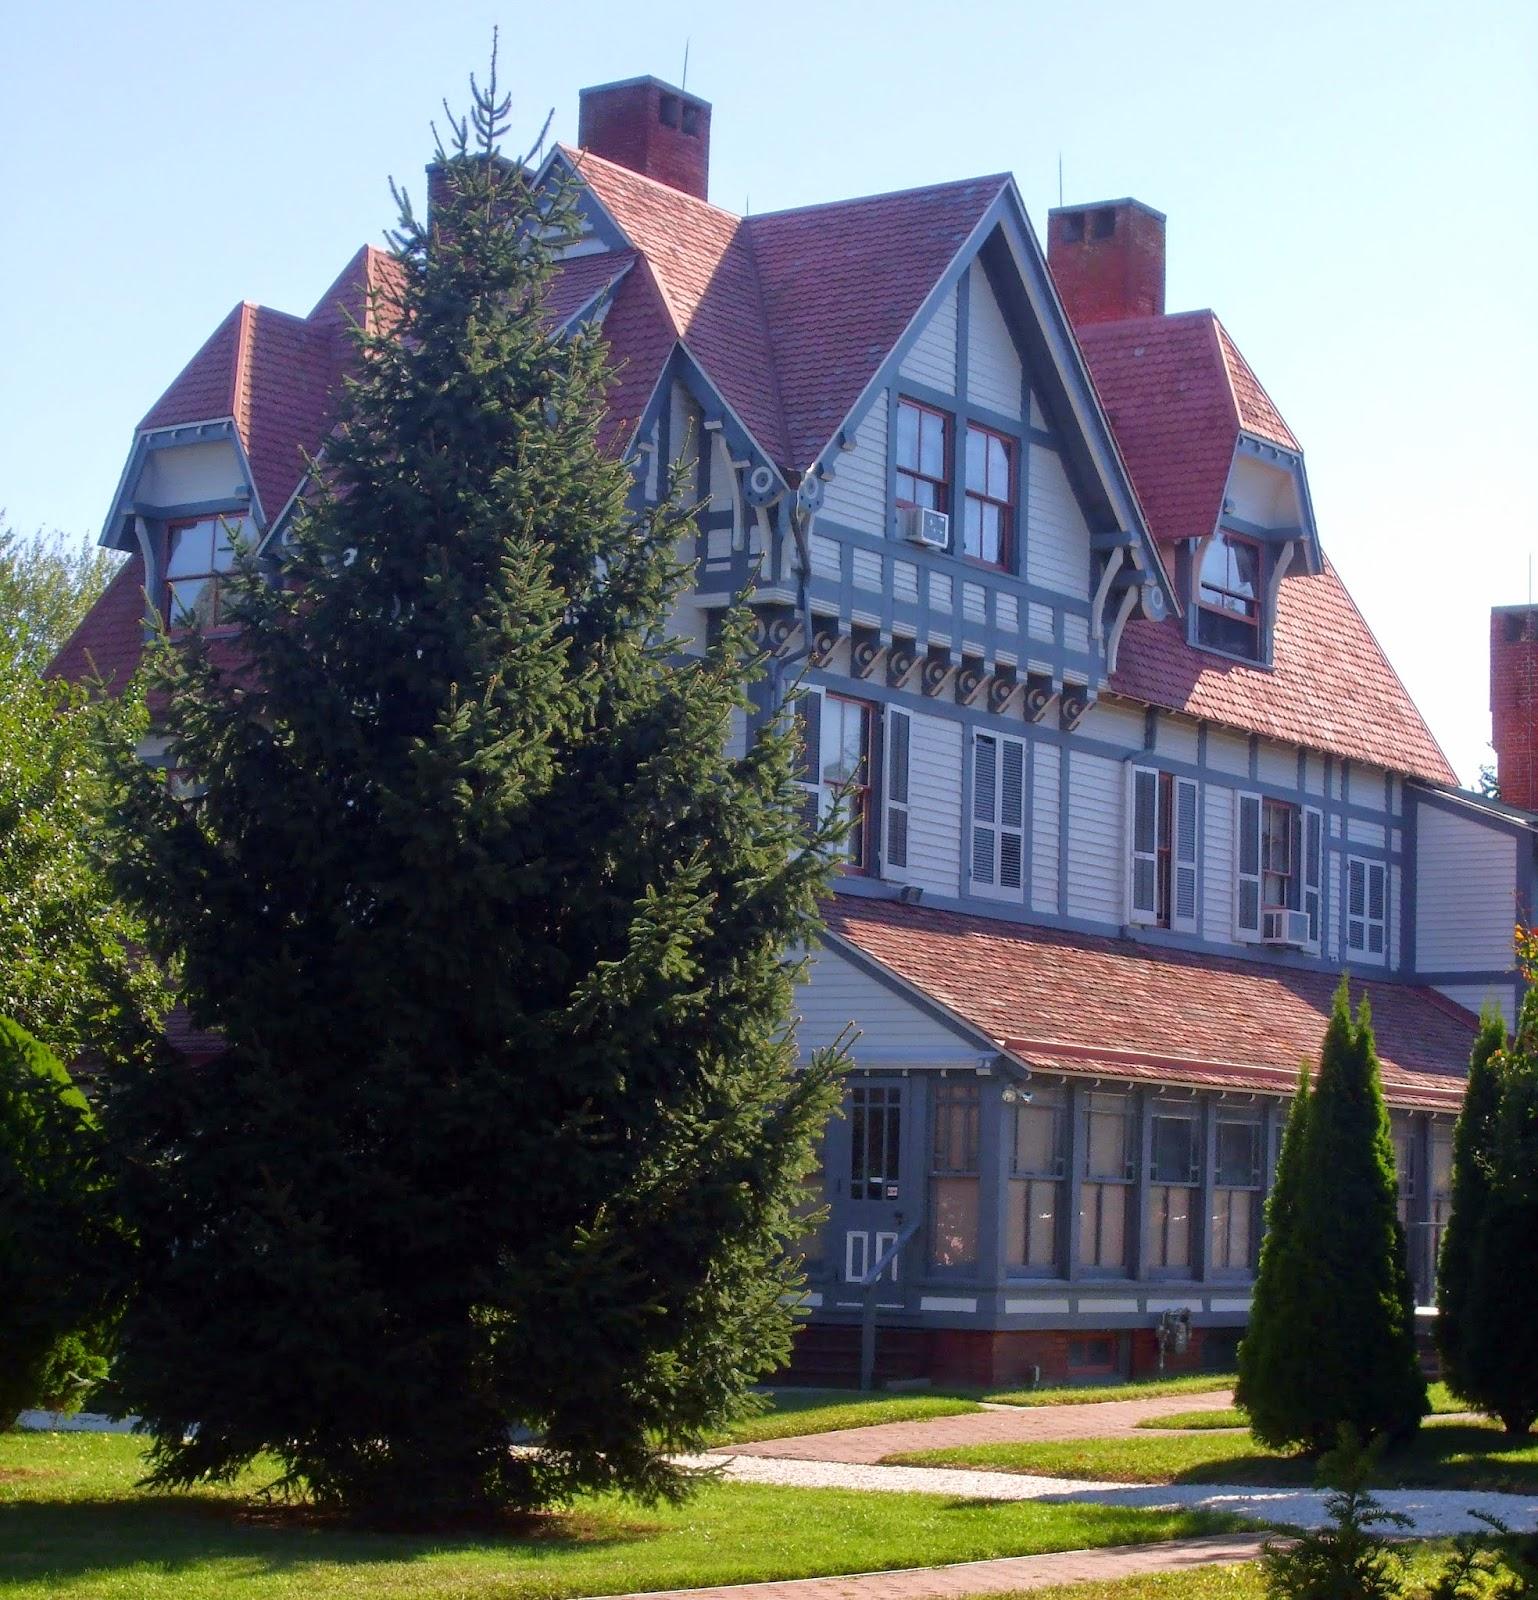 Rosemary's Sampler: Emlen Physick Estate, Cape May, NJ